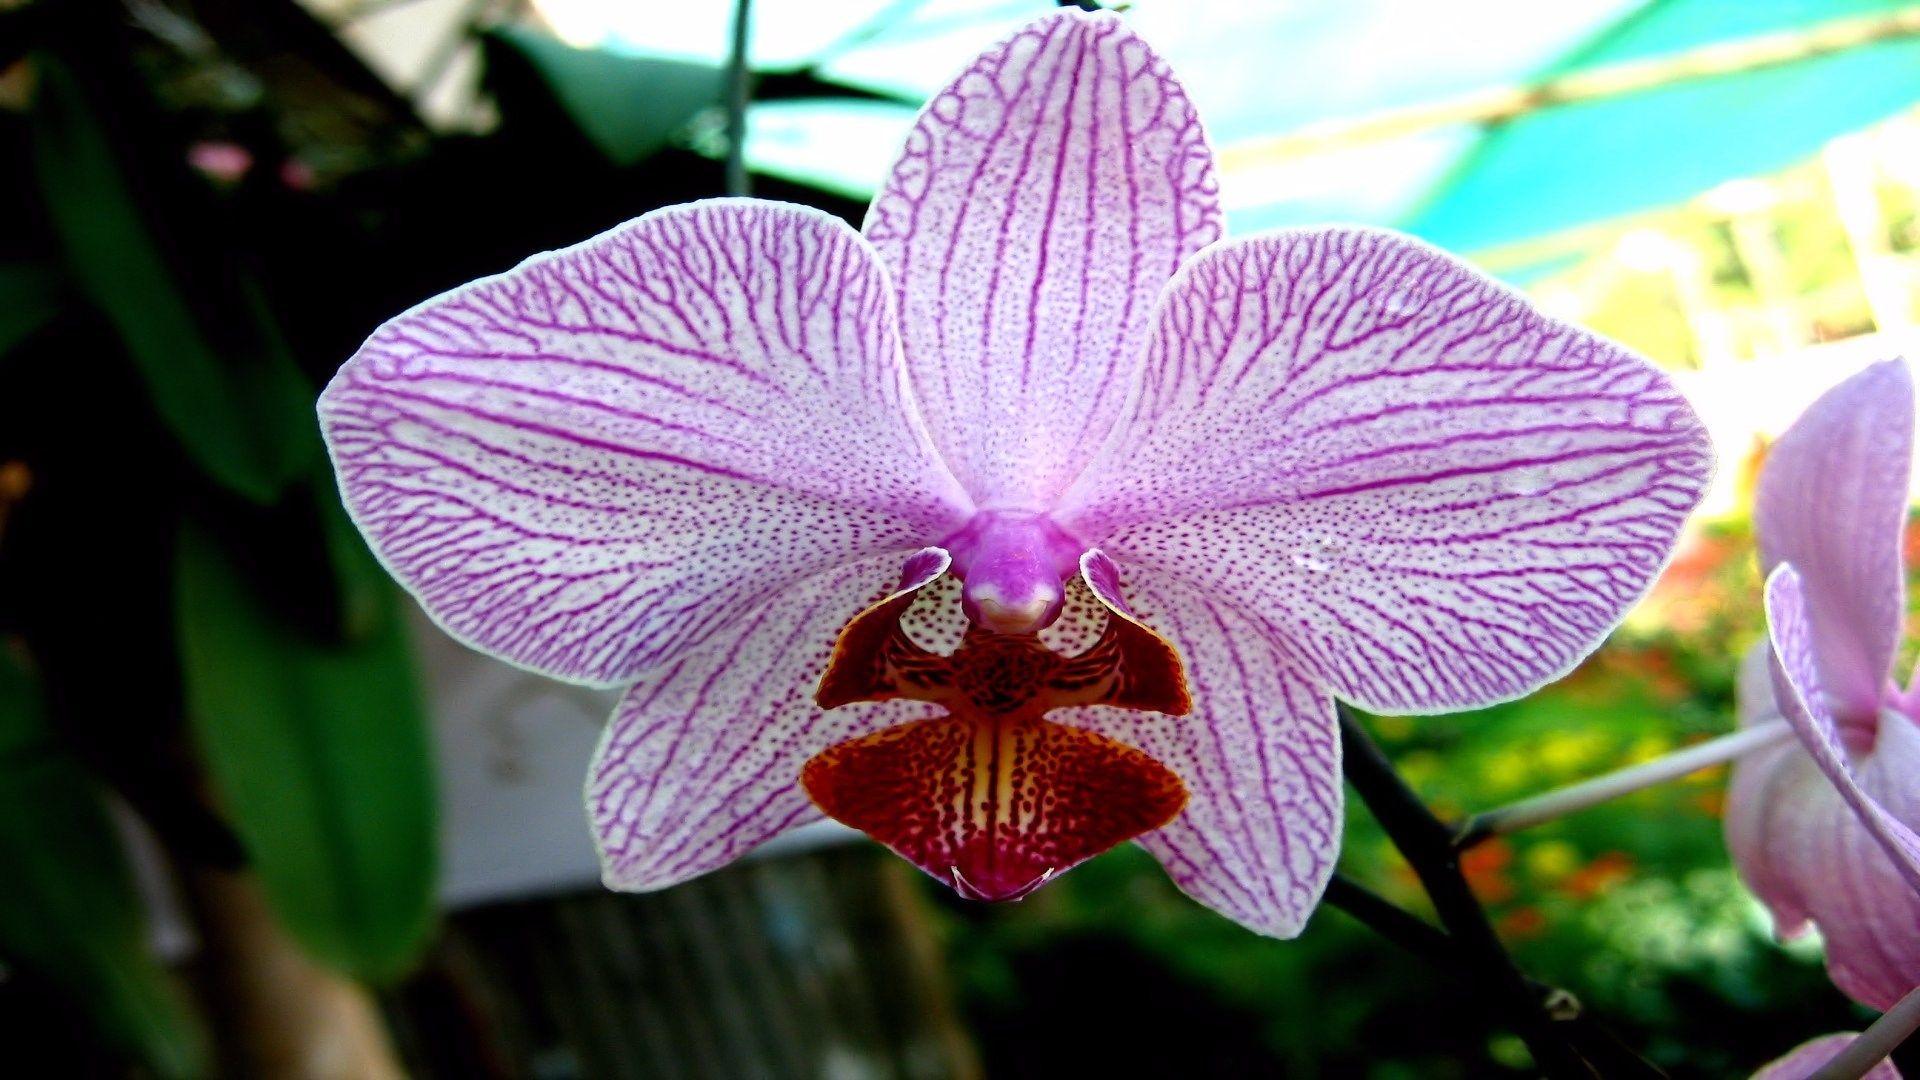 Hdq images orchid pic kb berke leapman wallpaperscreator